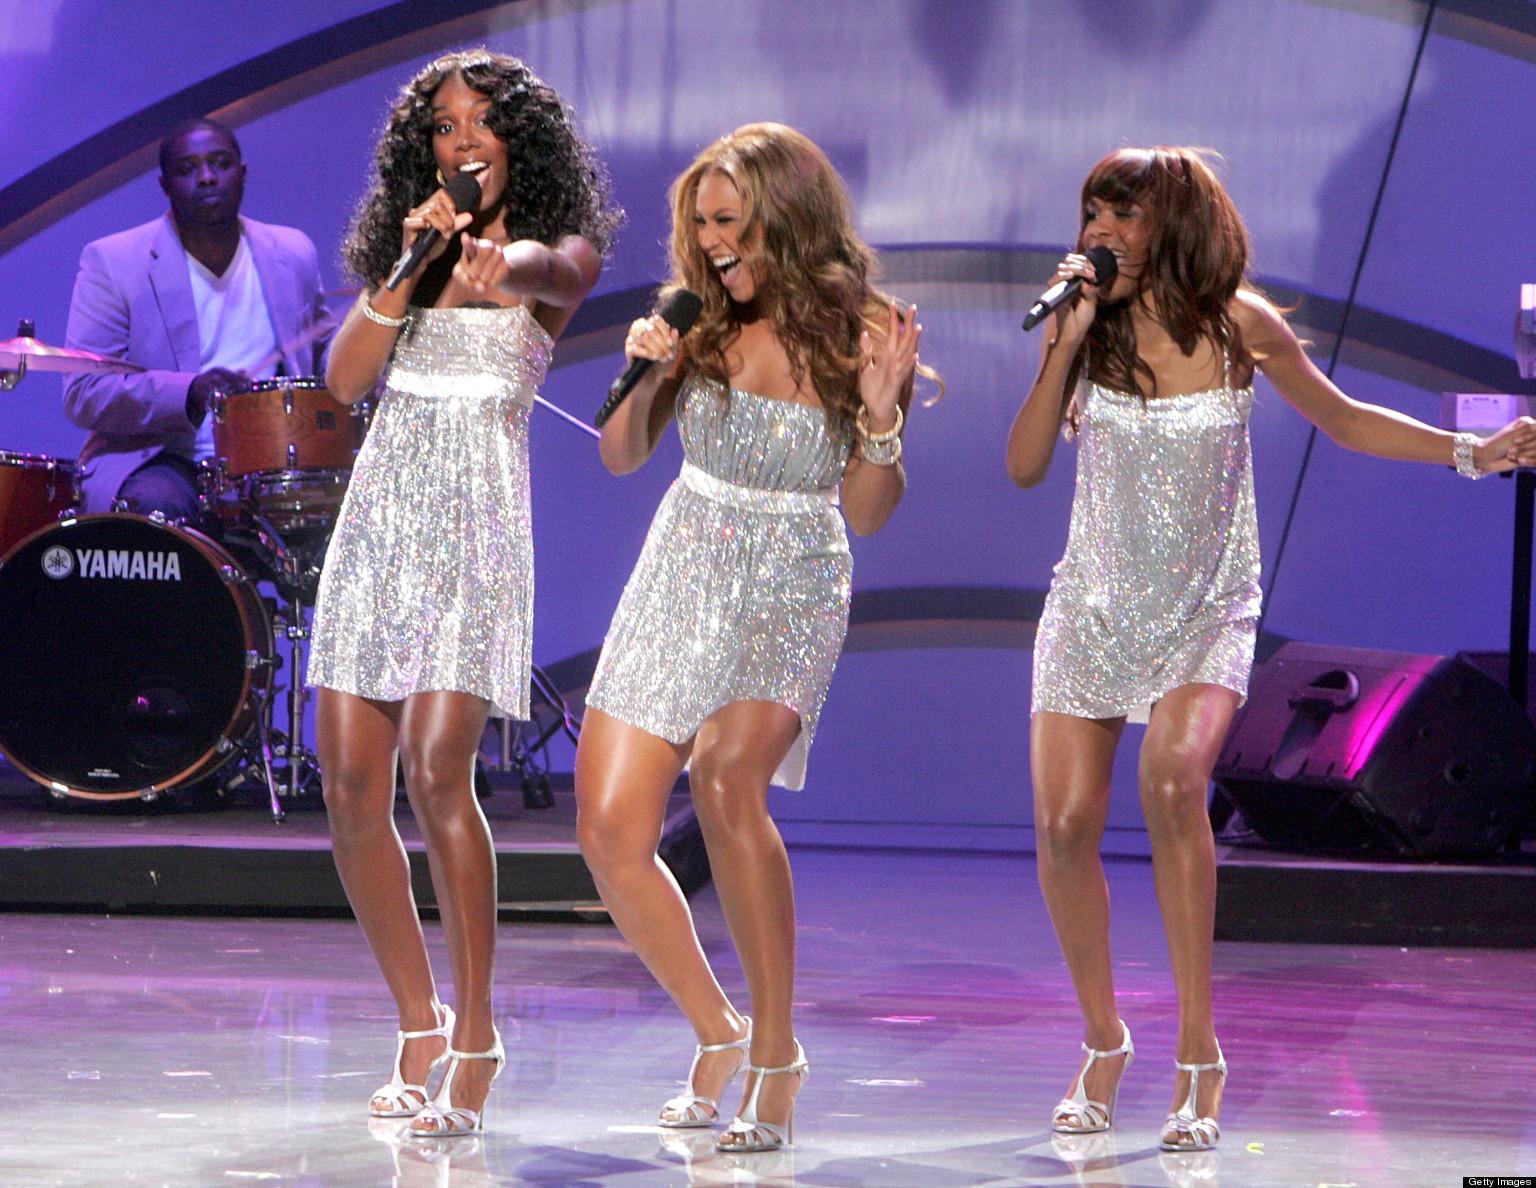 Destiny's Child Super Bowl Reunion: New Details Suggest ...